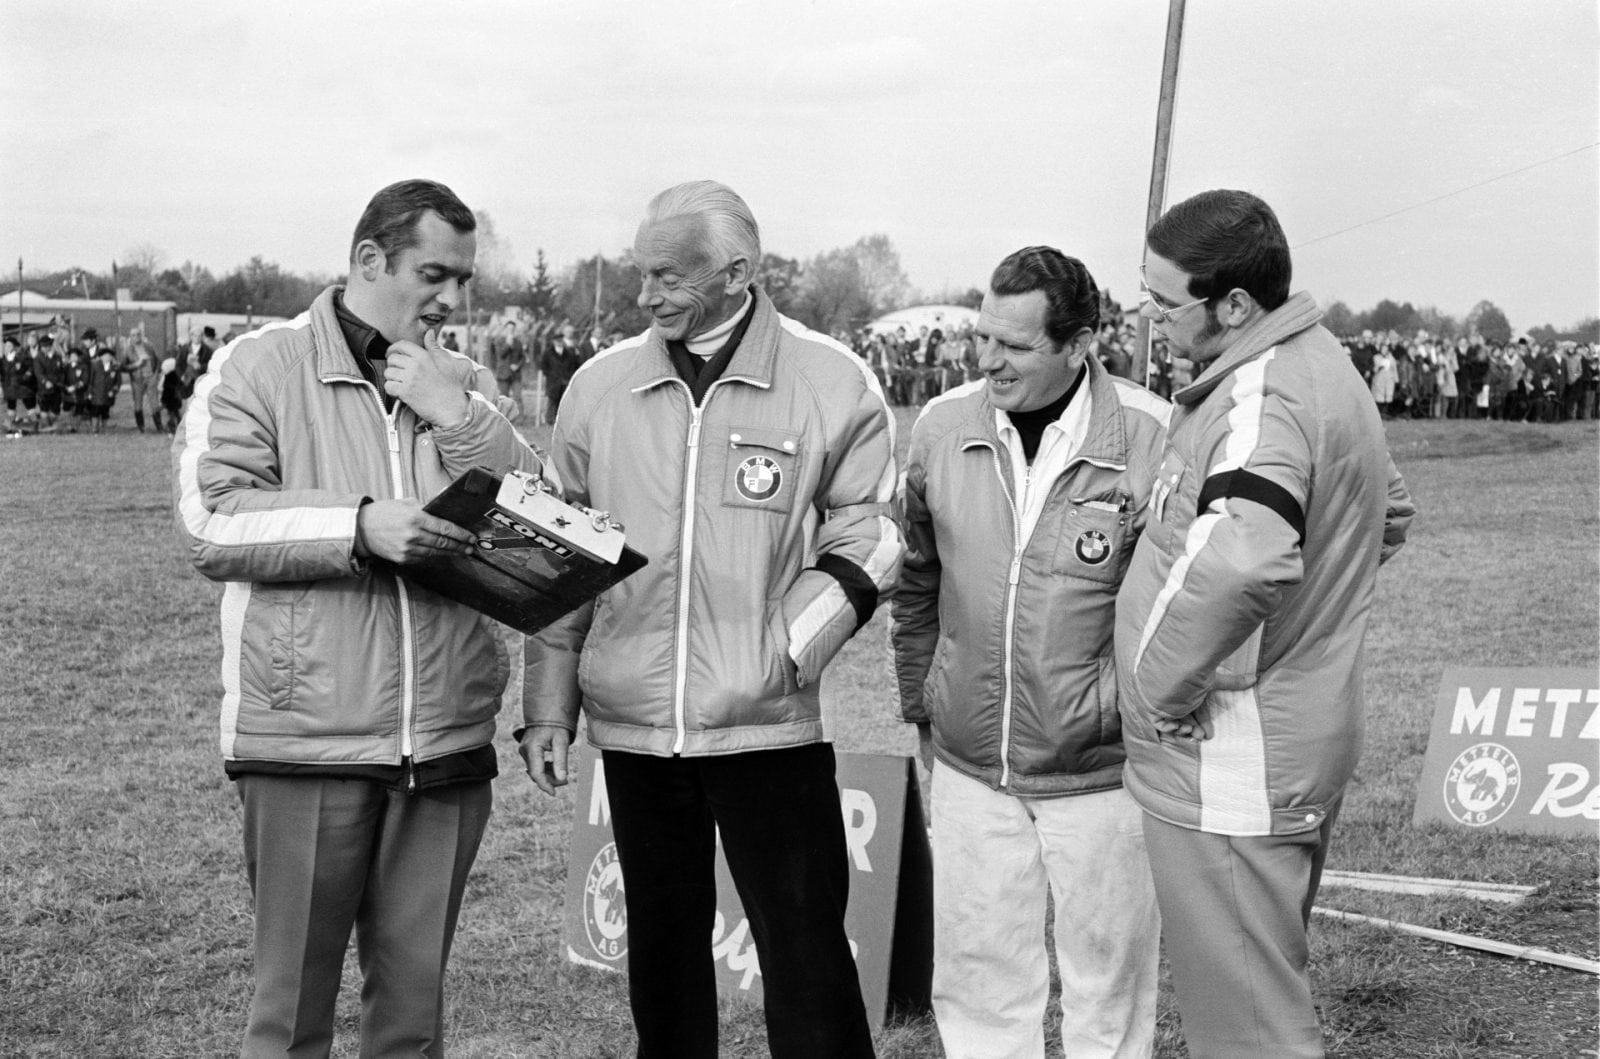 Paul Rosche и Alex von Falkenhausen 1970 год